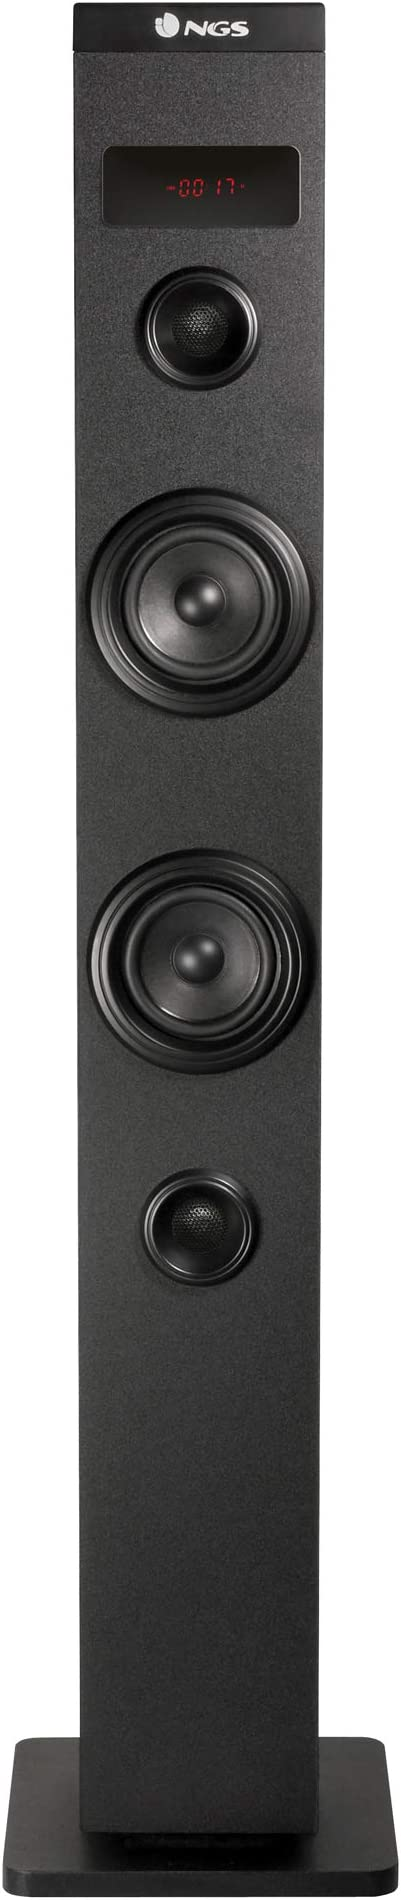 Ngs Sky Charm 50w Bluetooth Sound Tower Mit Fernbedienung Optischem Eingang Usb Fm Radio Und Aux In Schwarz Audio Hifi